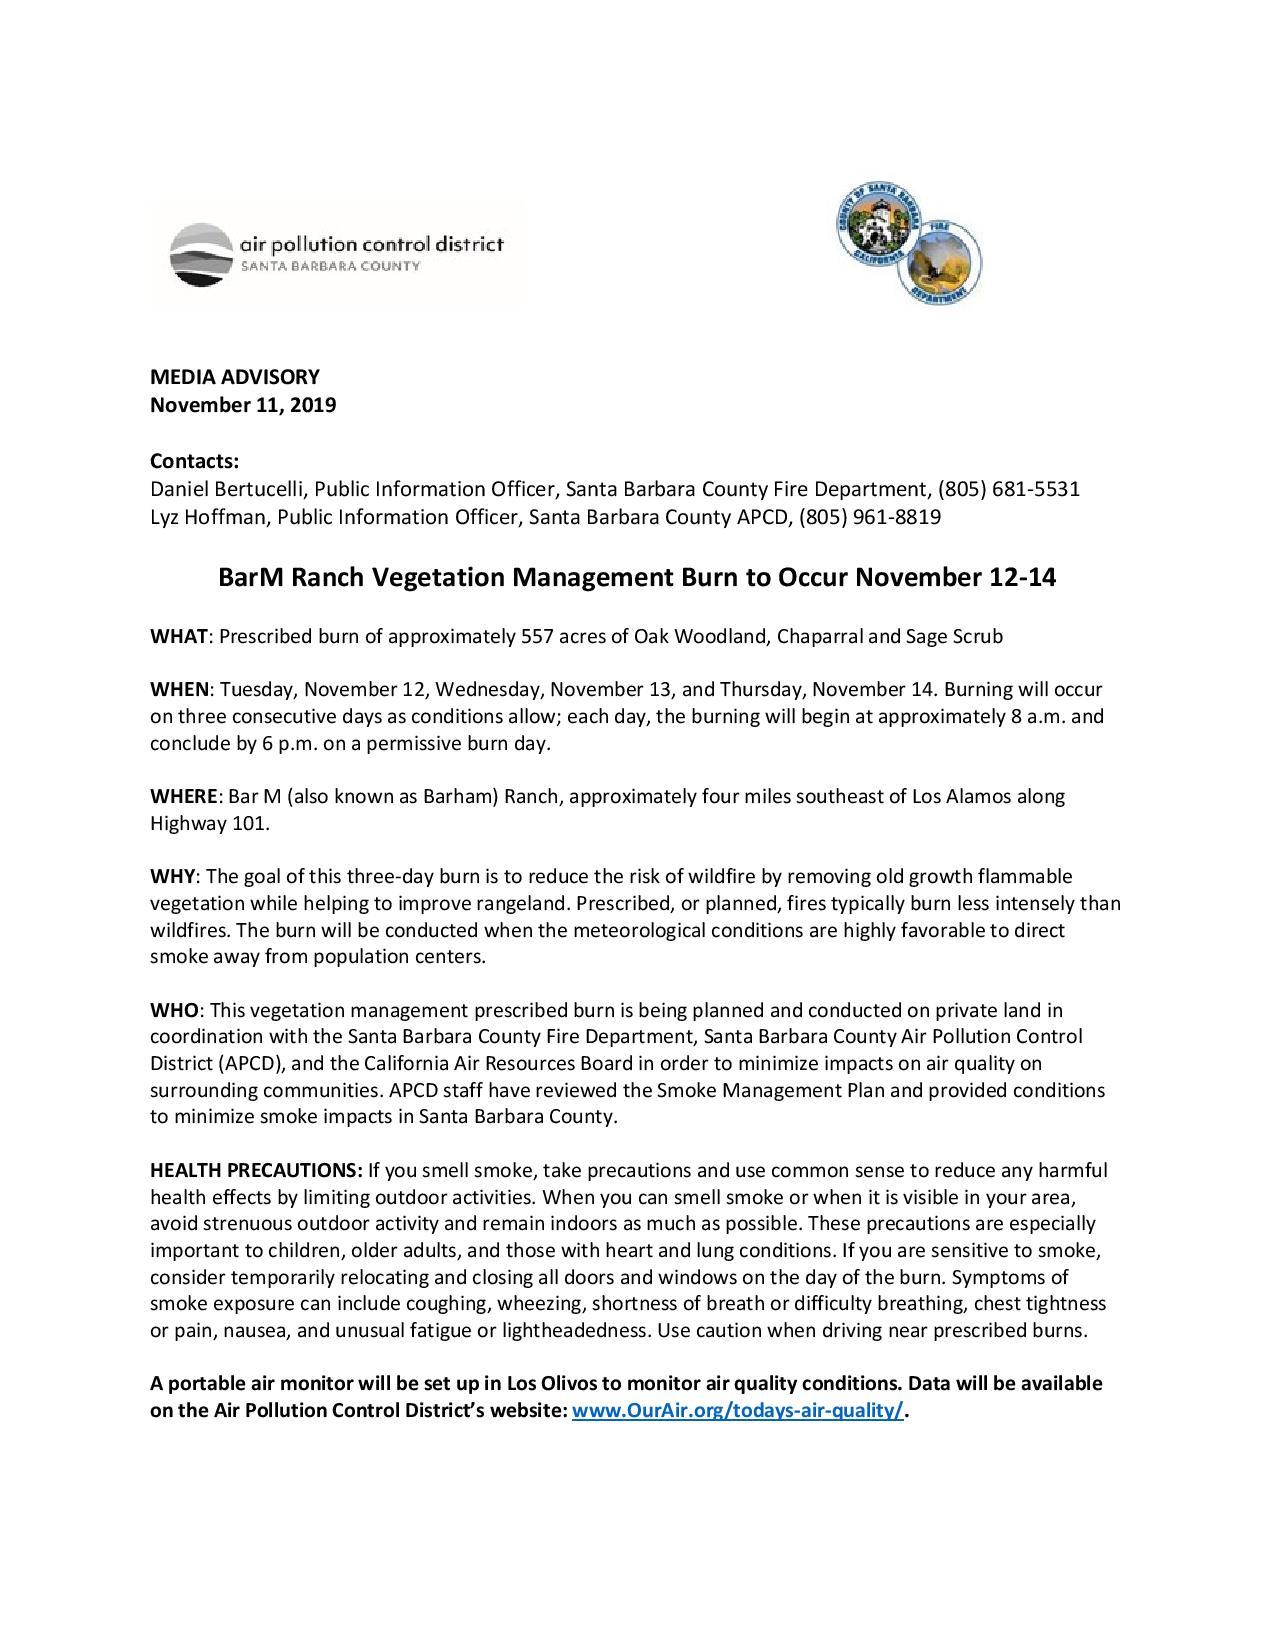 BarM Ranch Vegetation Management Burn to Occur November 12-14-pg1